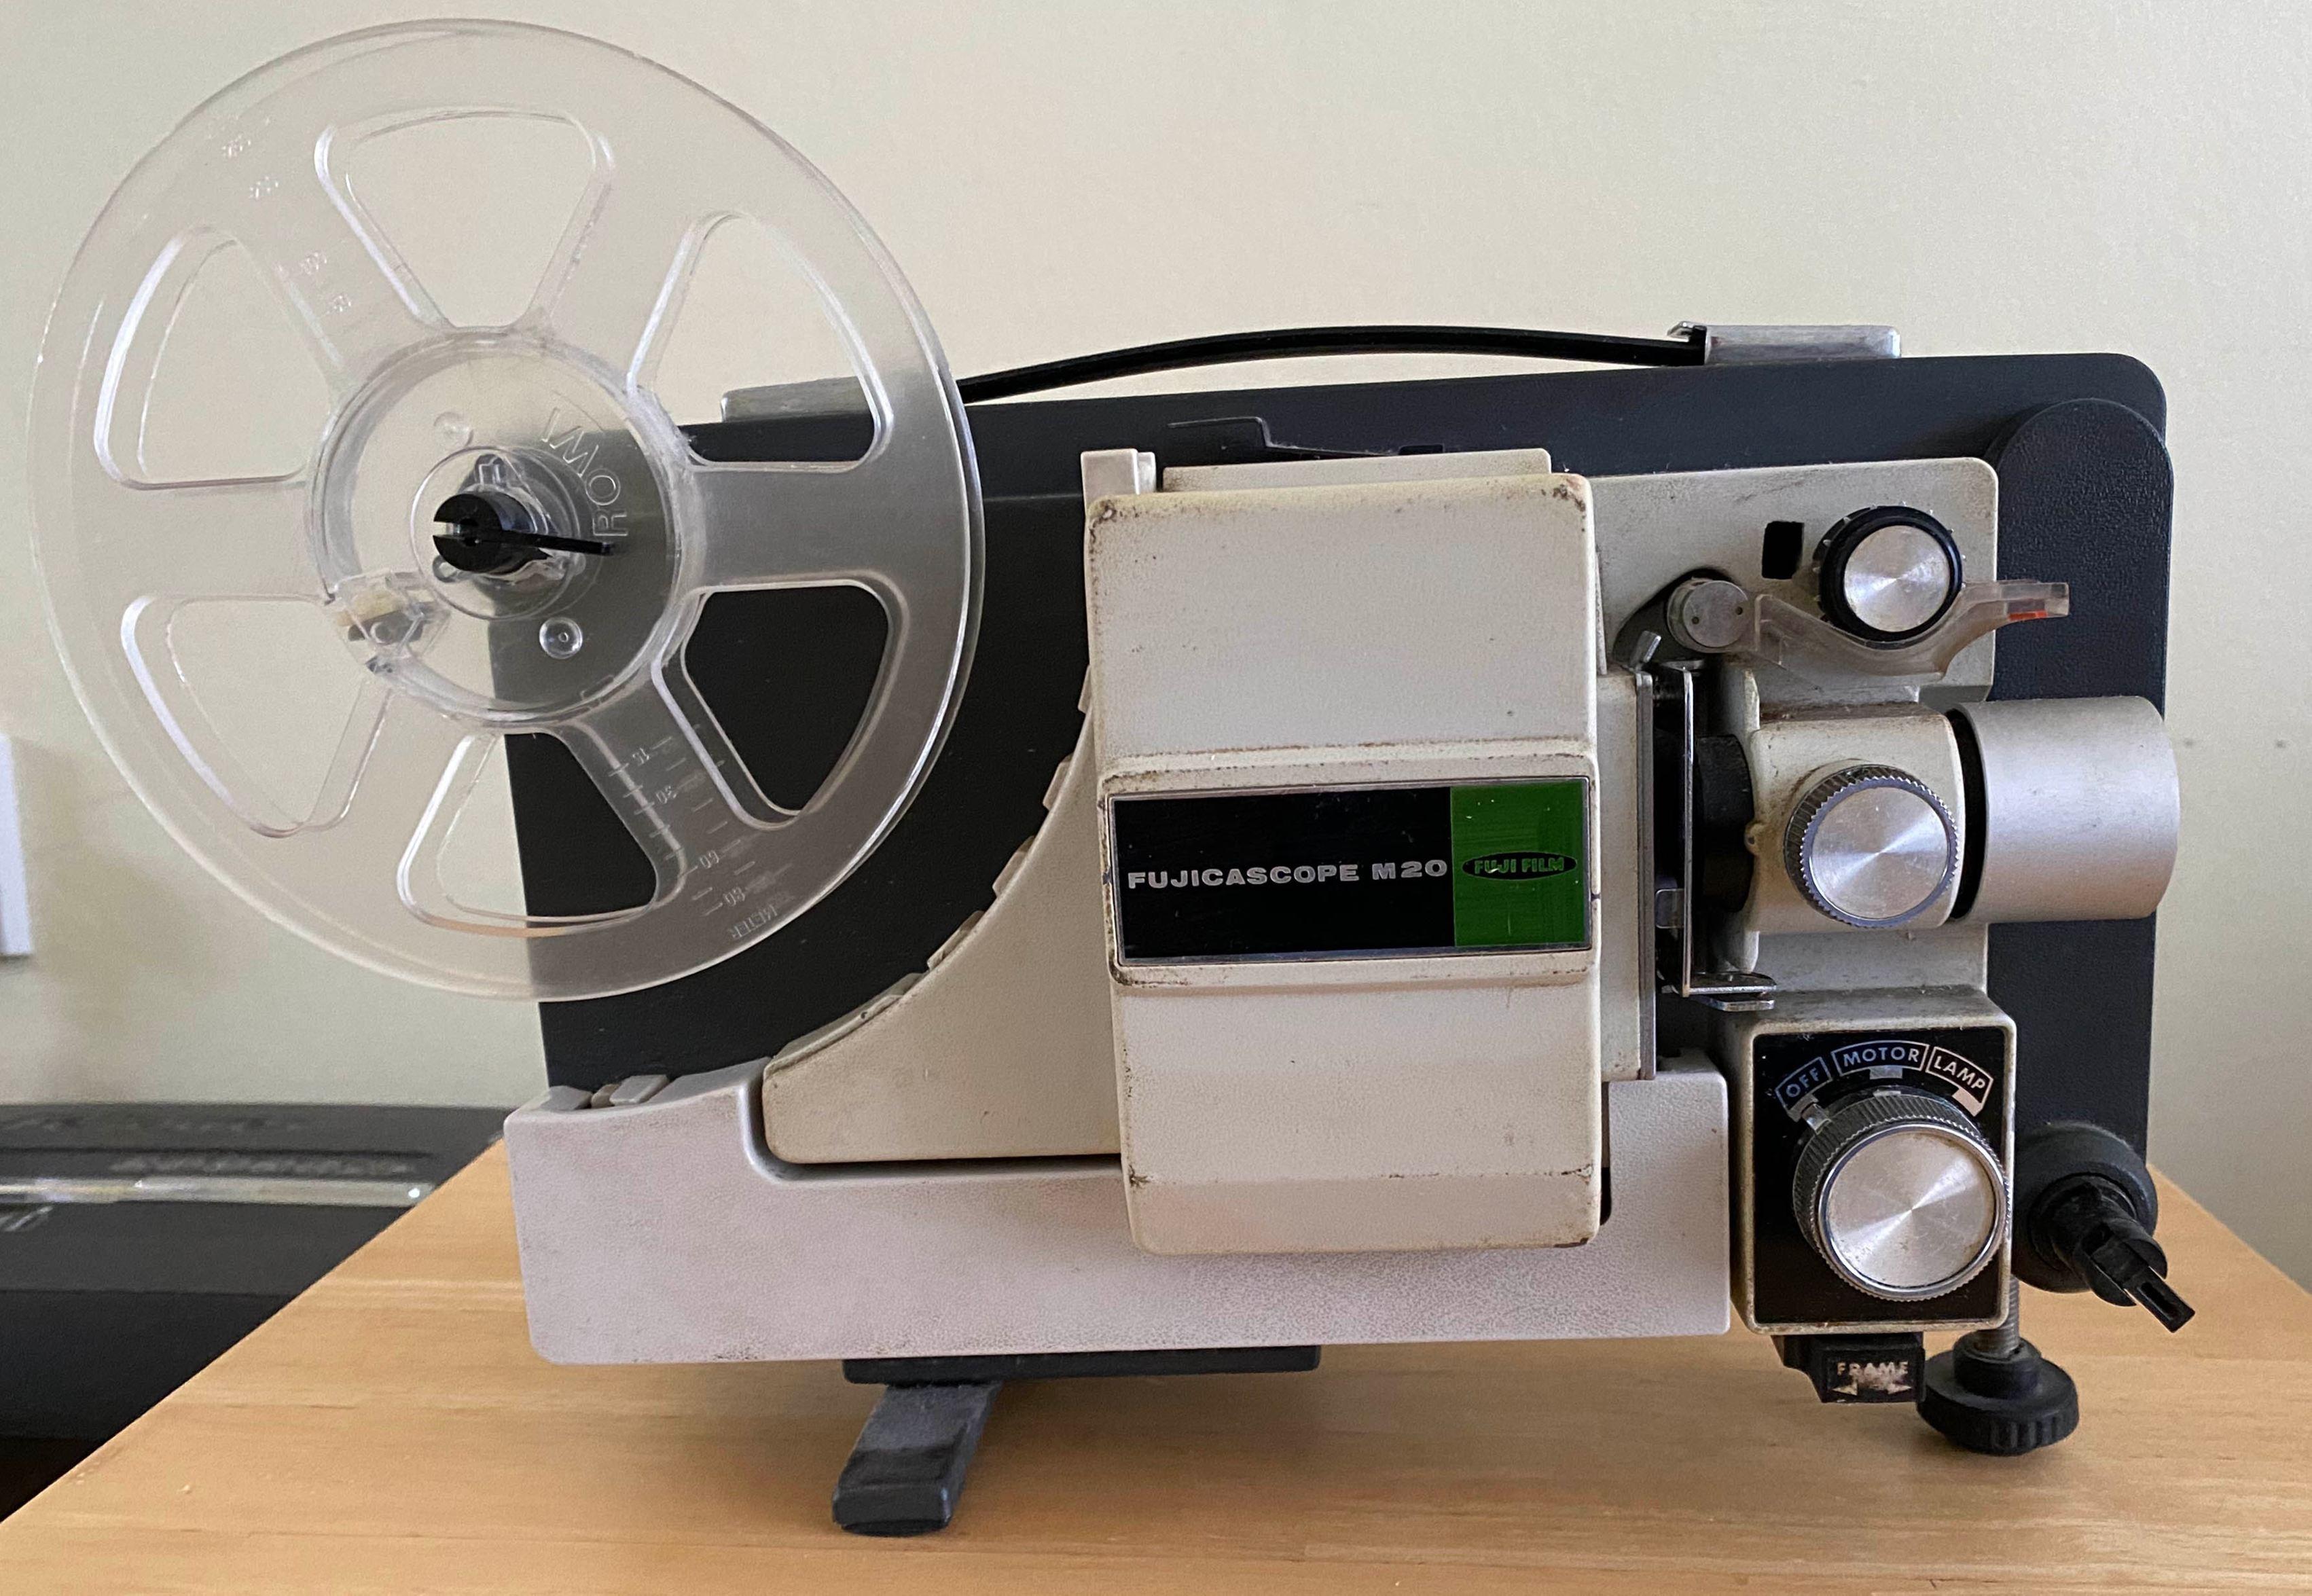 Fujicascope M20